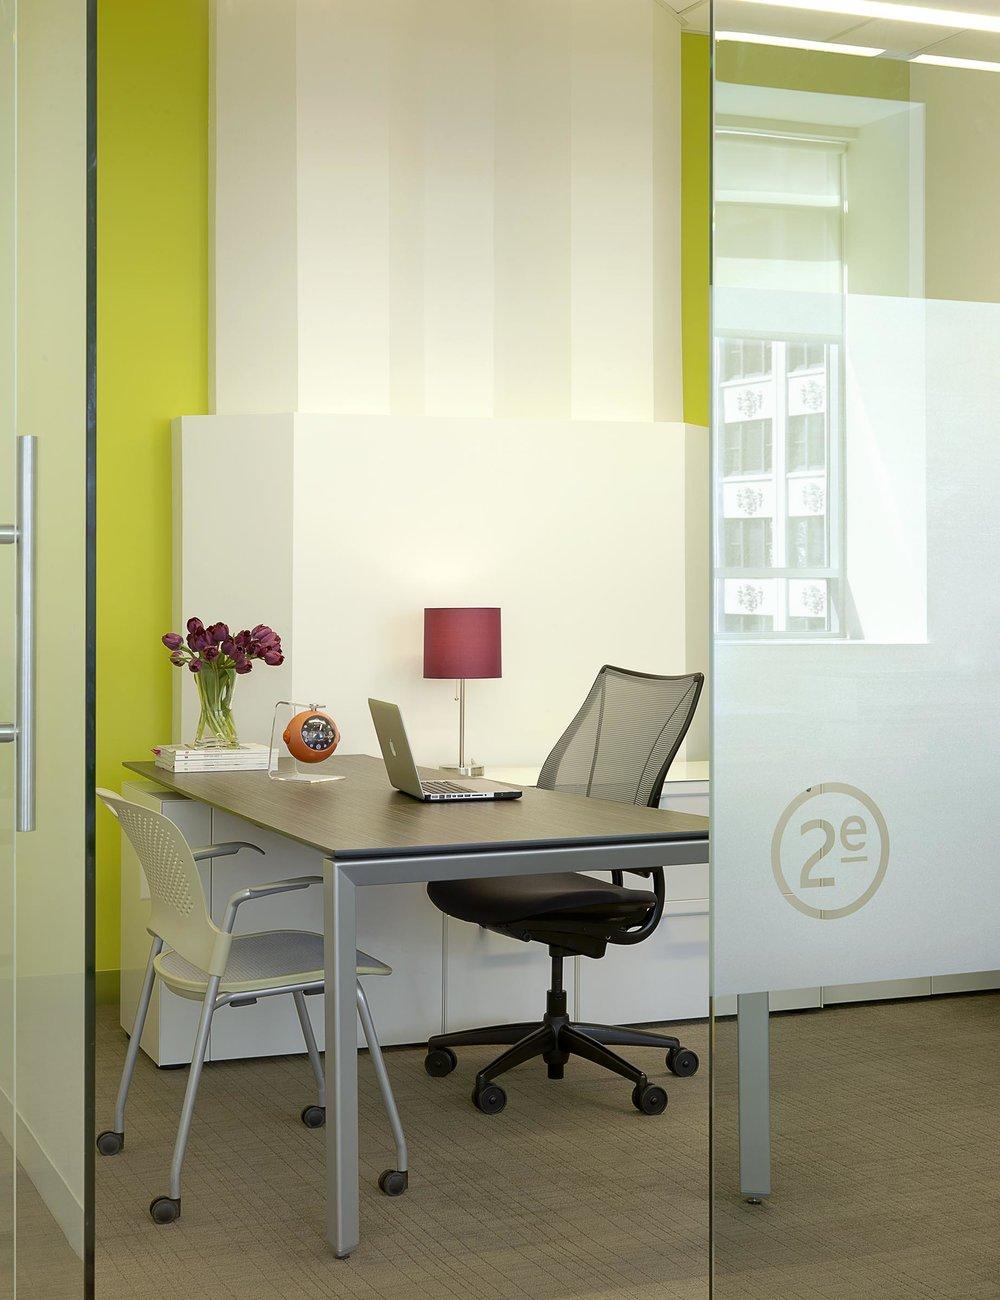 2e Creative private office.jpg